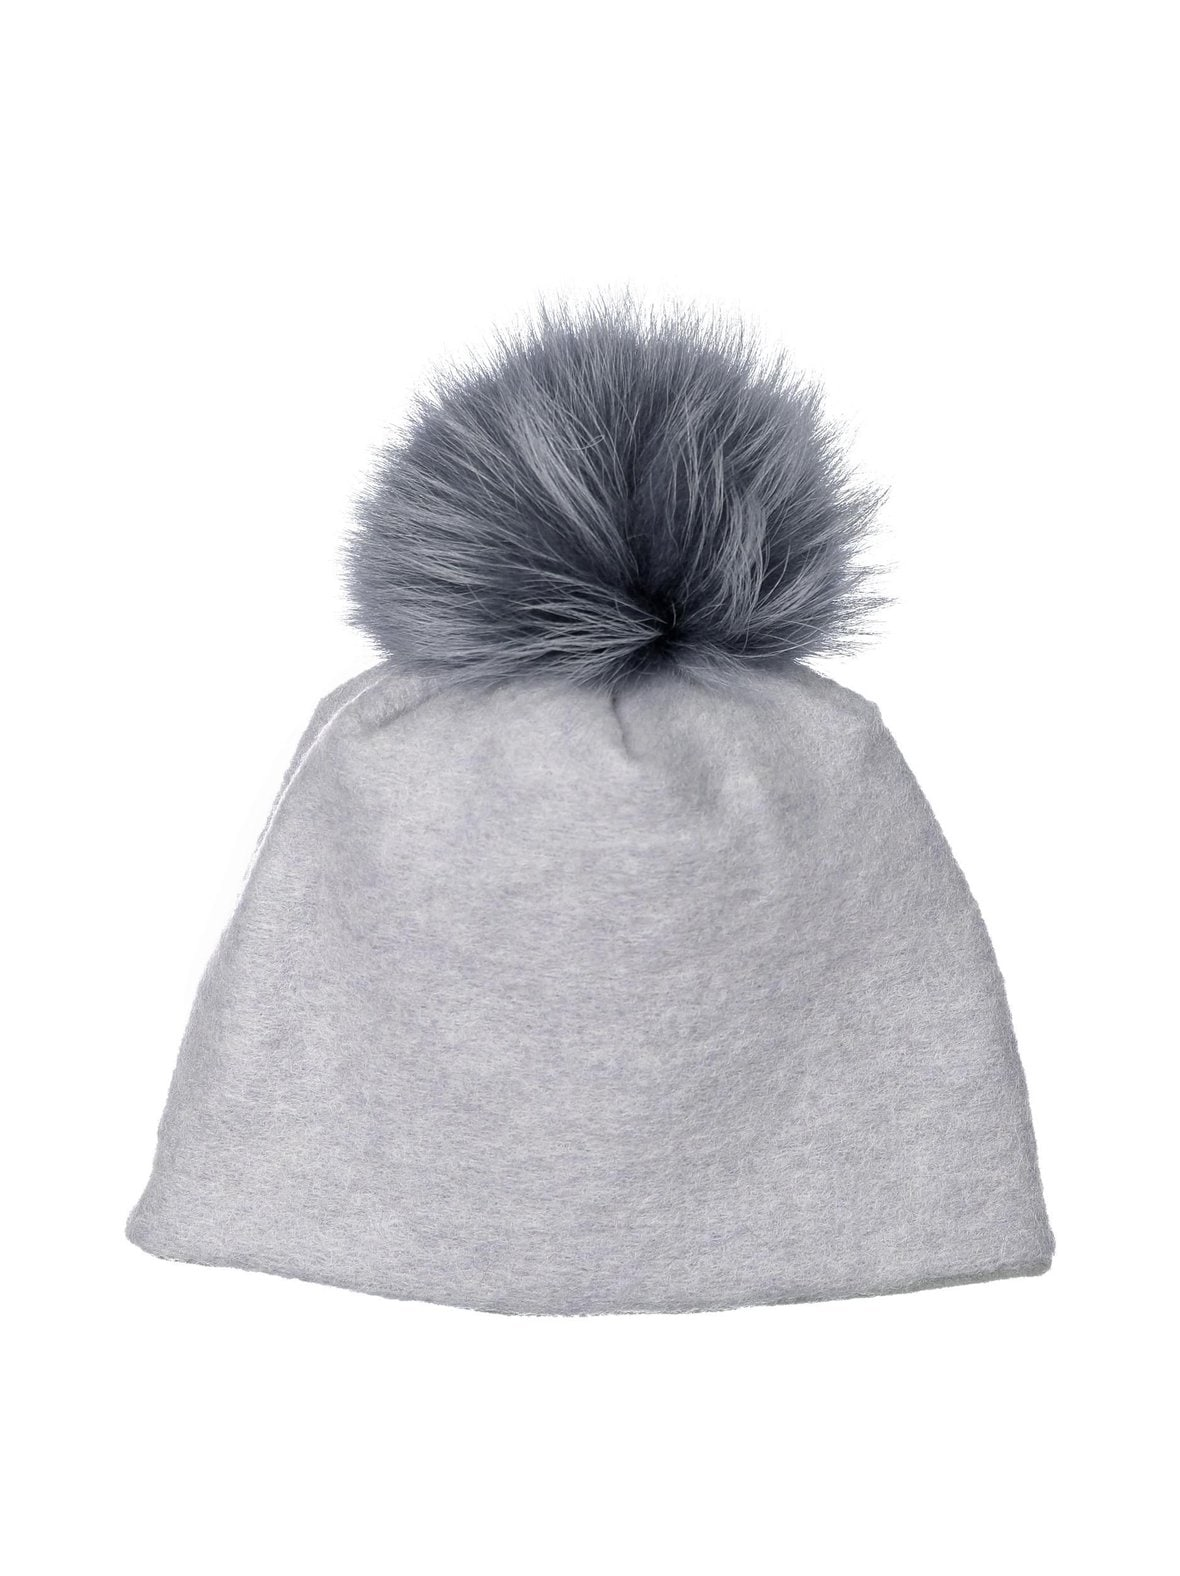 Light Grey (vaaleanharmaa) KN Collection Sari-hattu M.9950  62f7eeb8c4